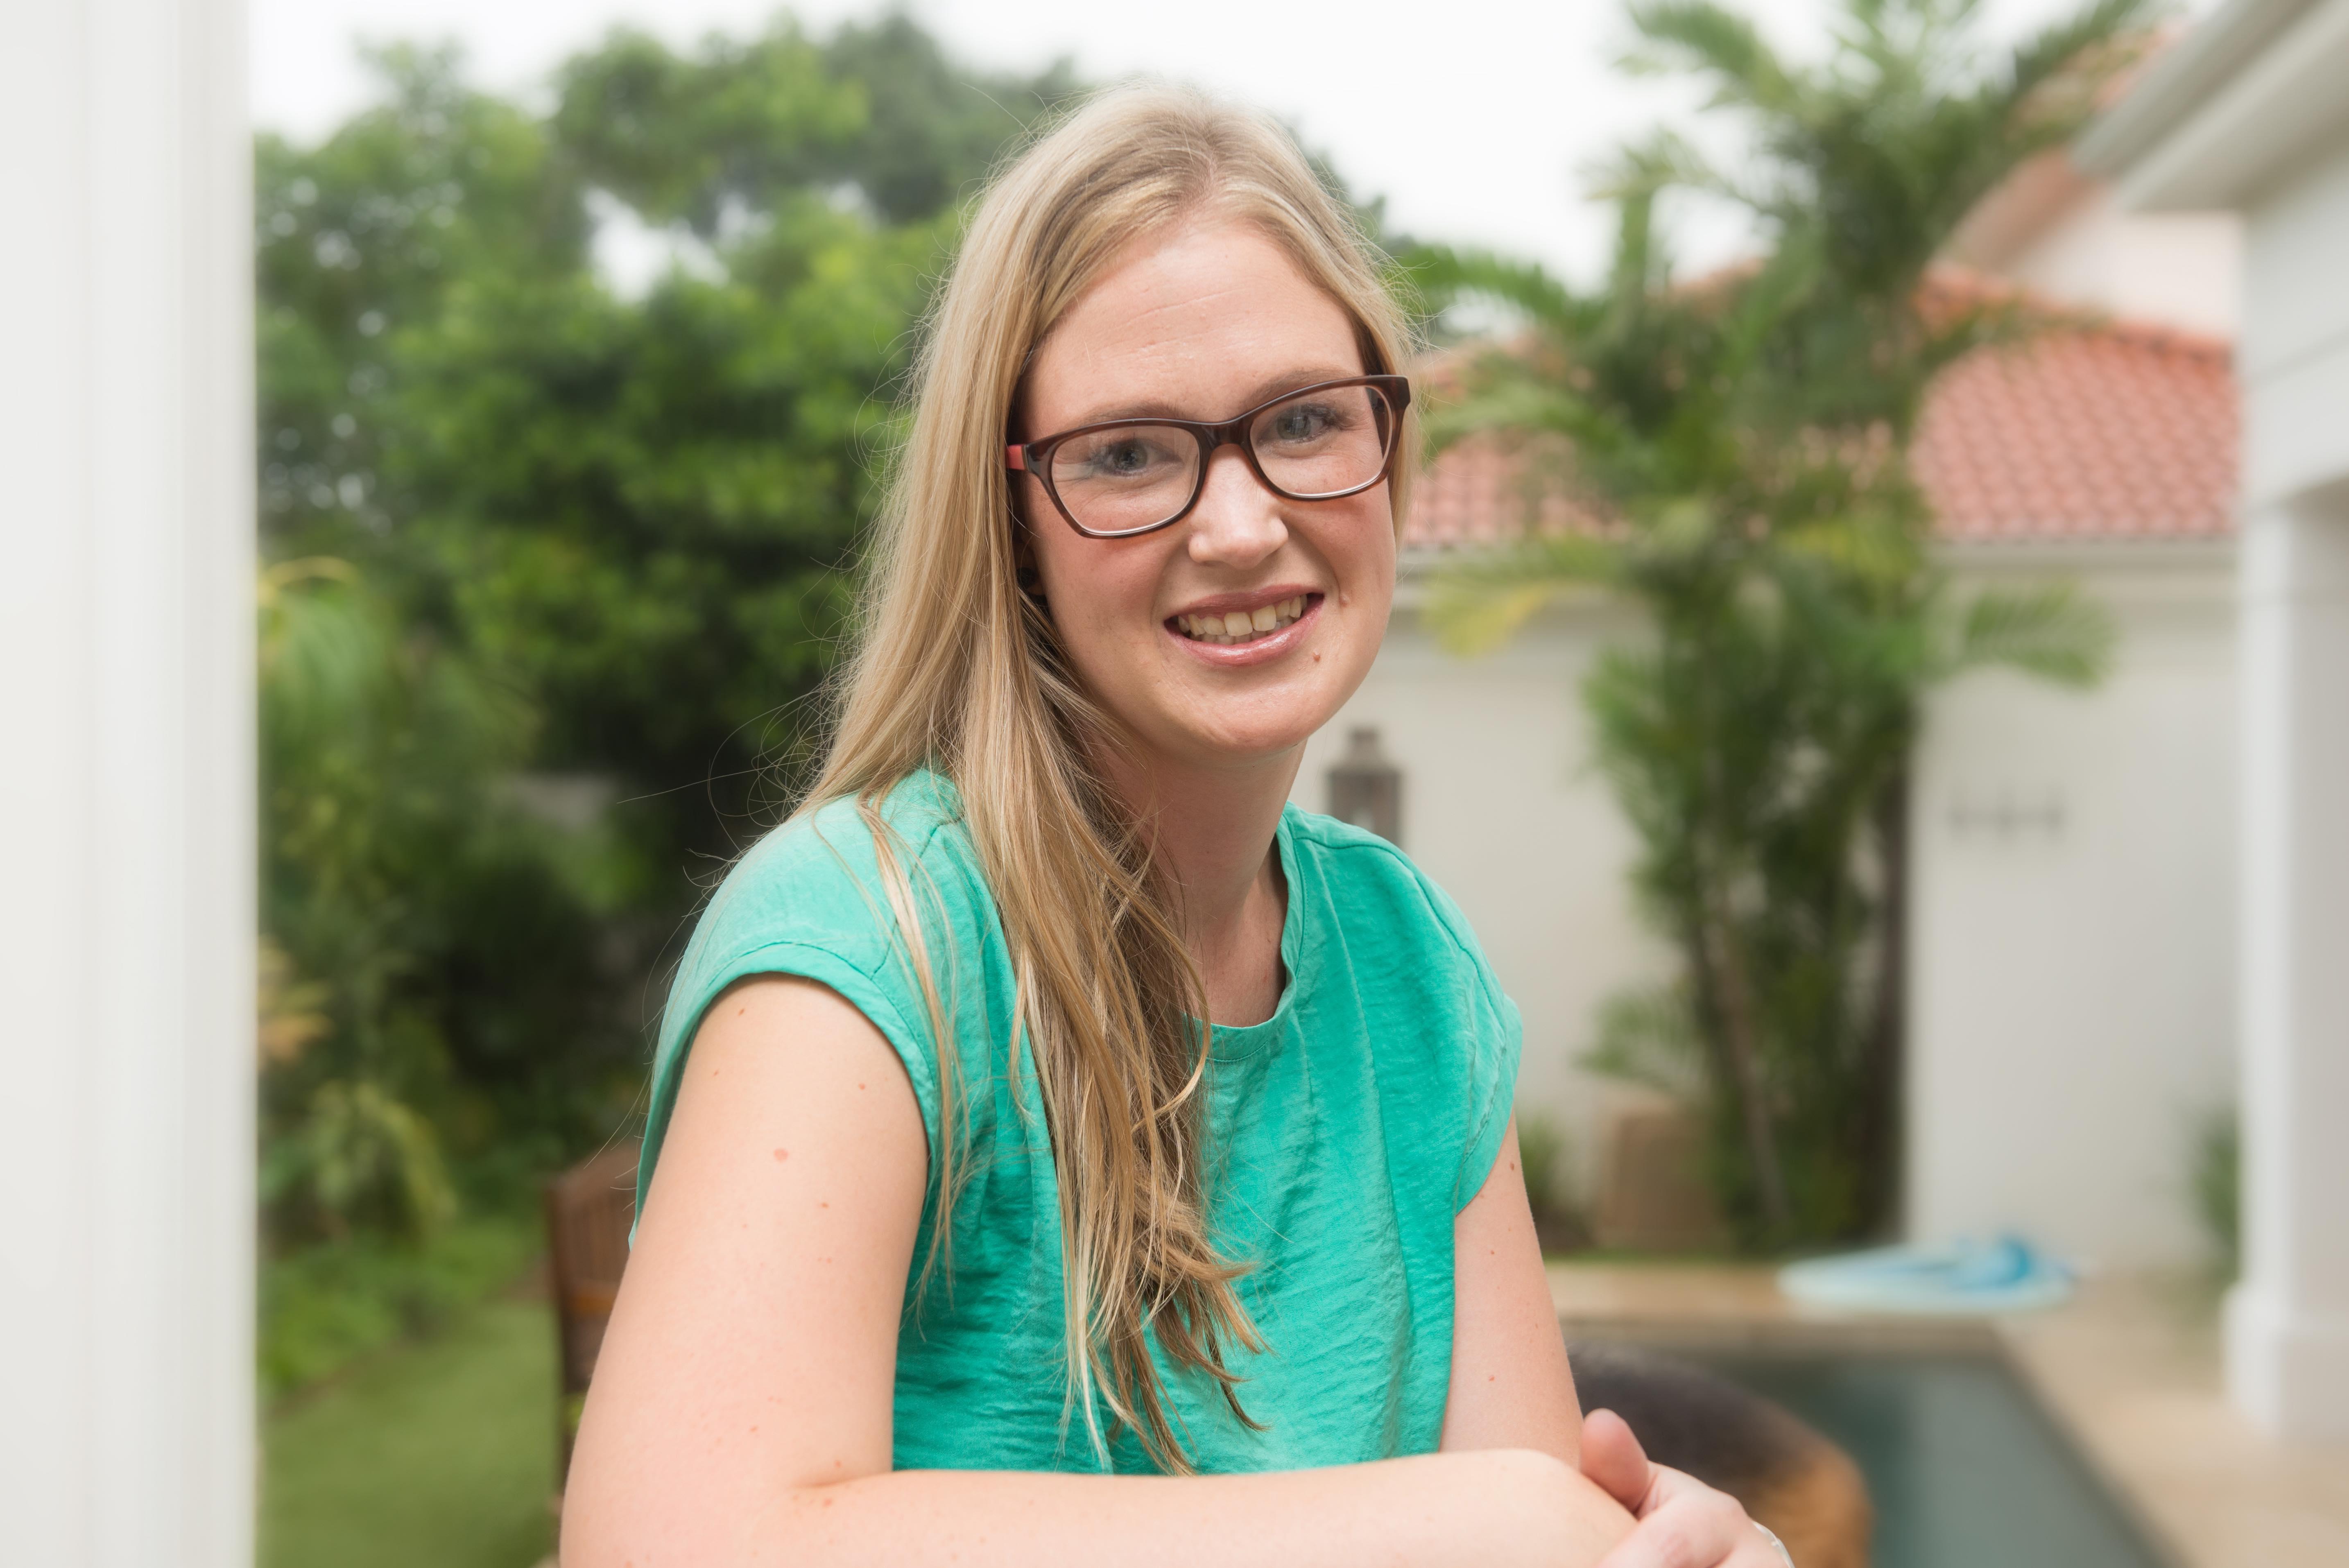 Melissa Hazle